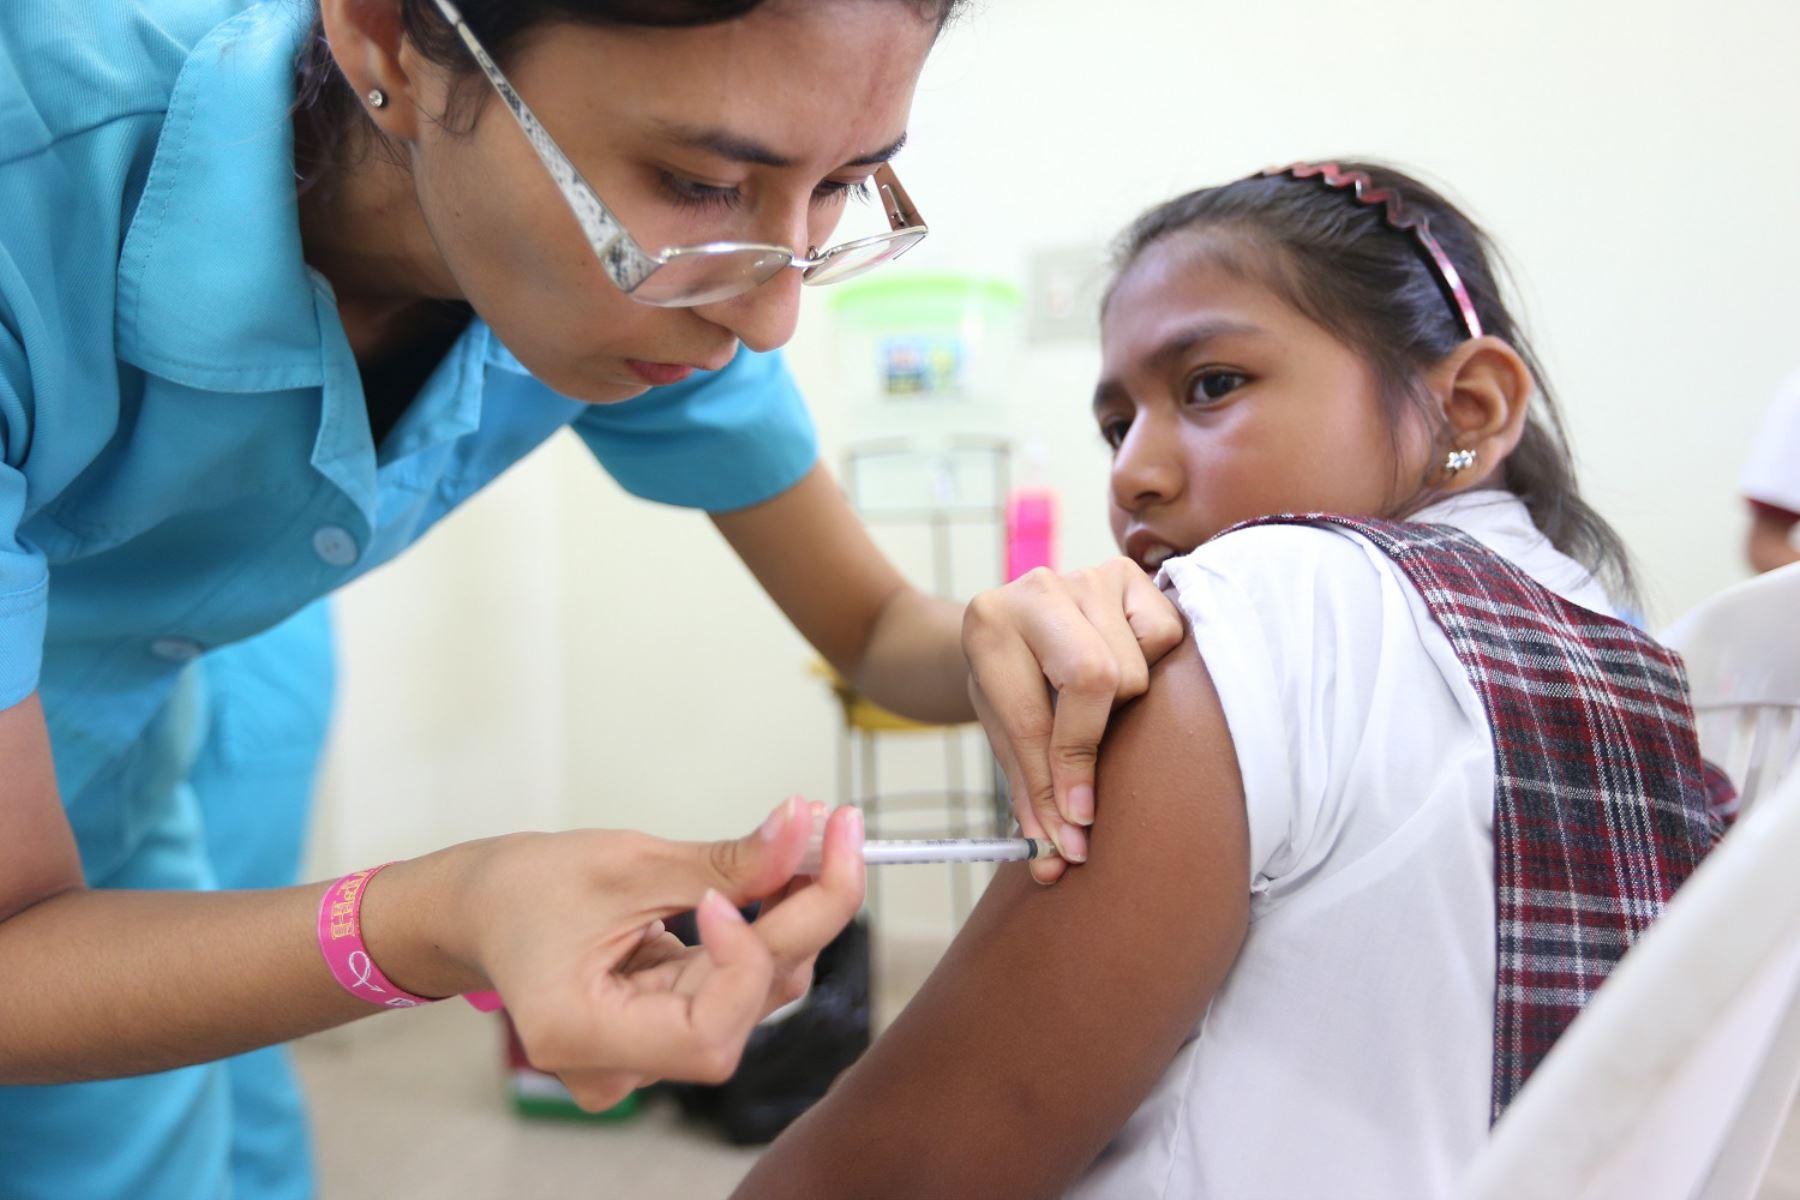 Minsa exhorta a la población acudir a su establecimiento de salud más cercano para vacunarse contra la influenza y neumonía. ANDINA